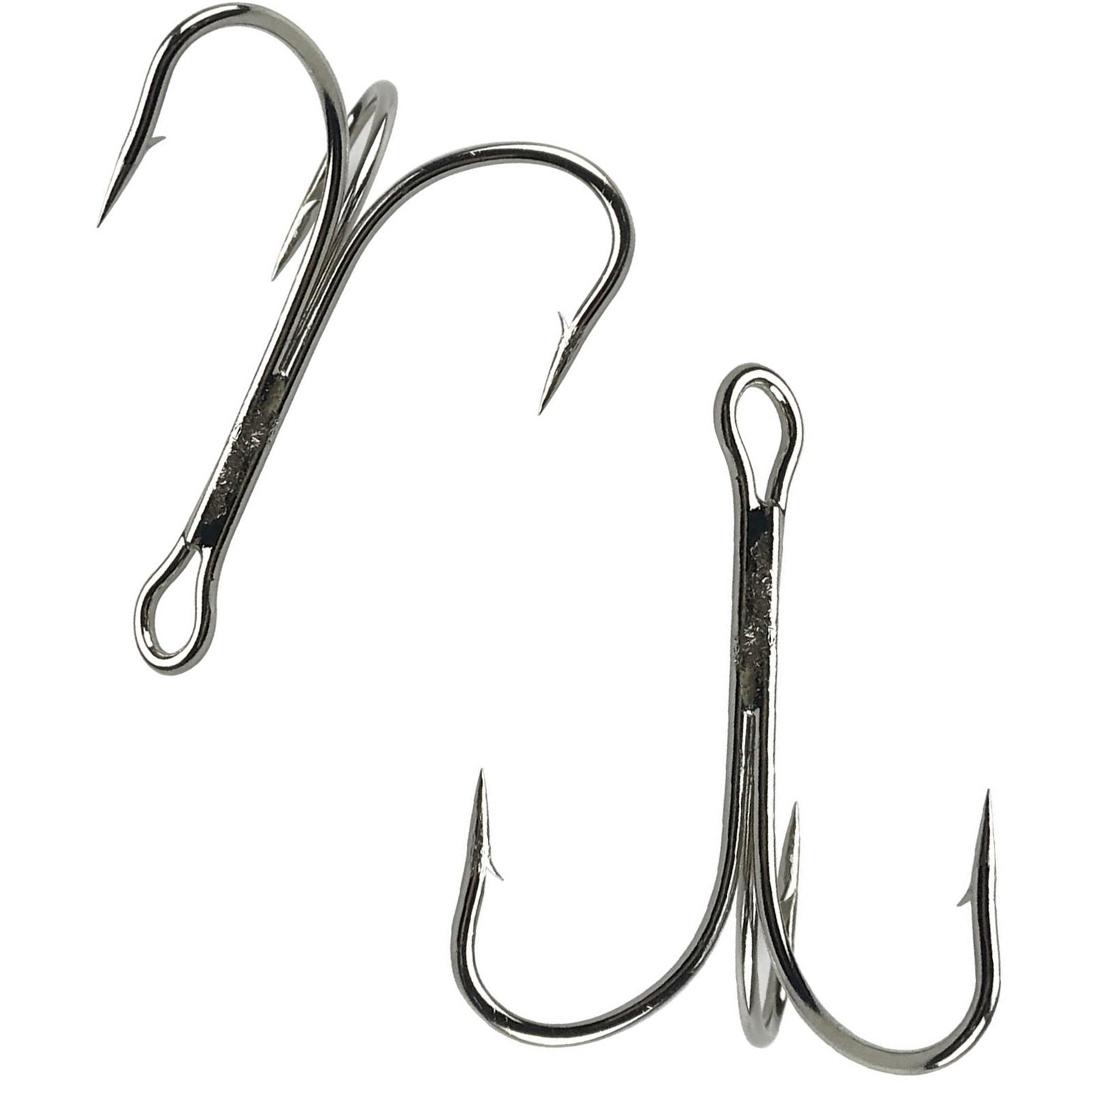 High Carbon Steel Fishing Hook  O/'shaughnessy JIG Hook Jig Big Hook Treble